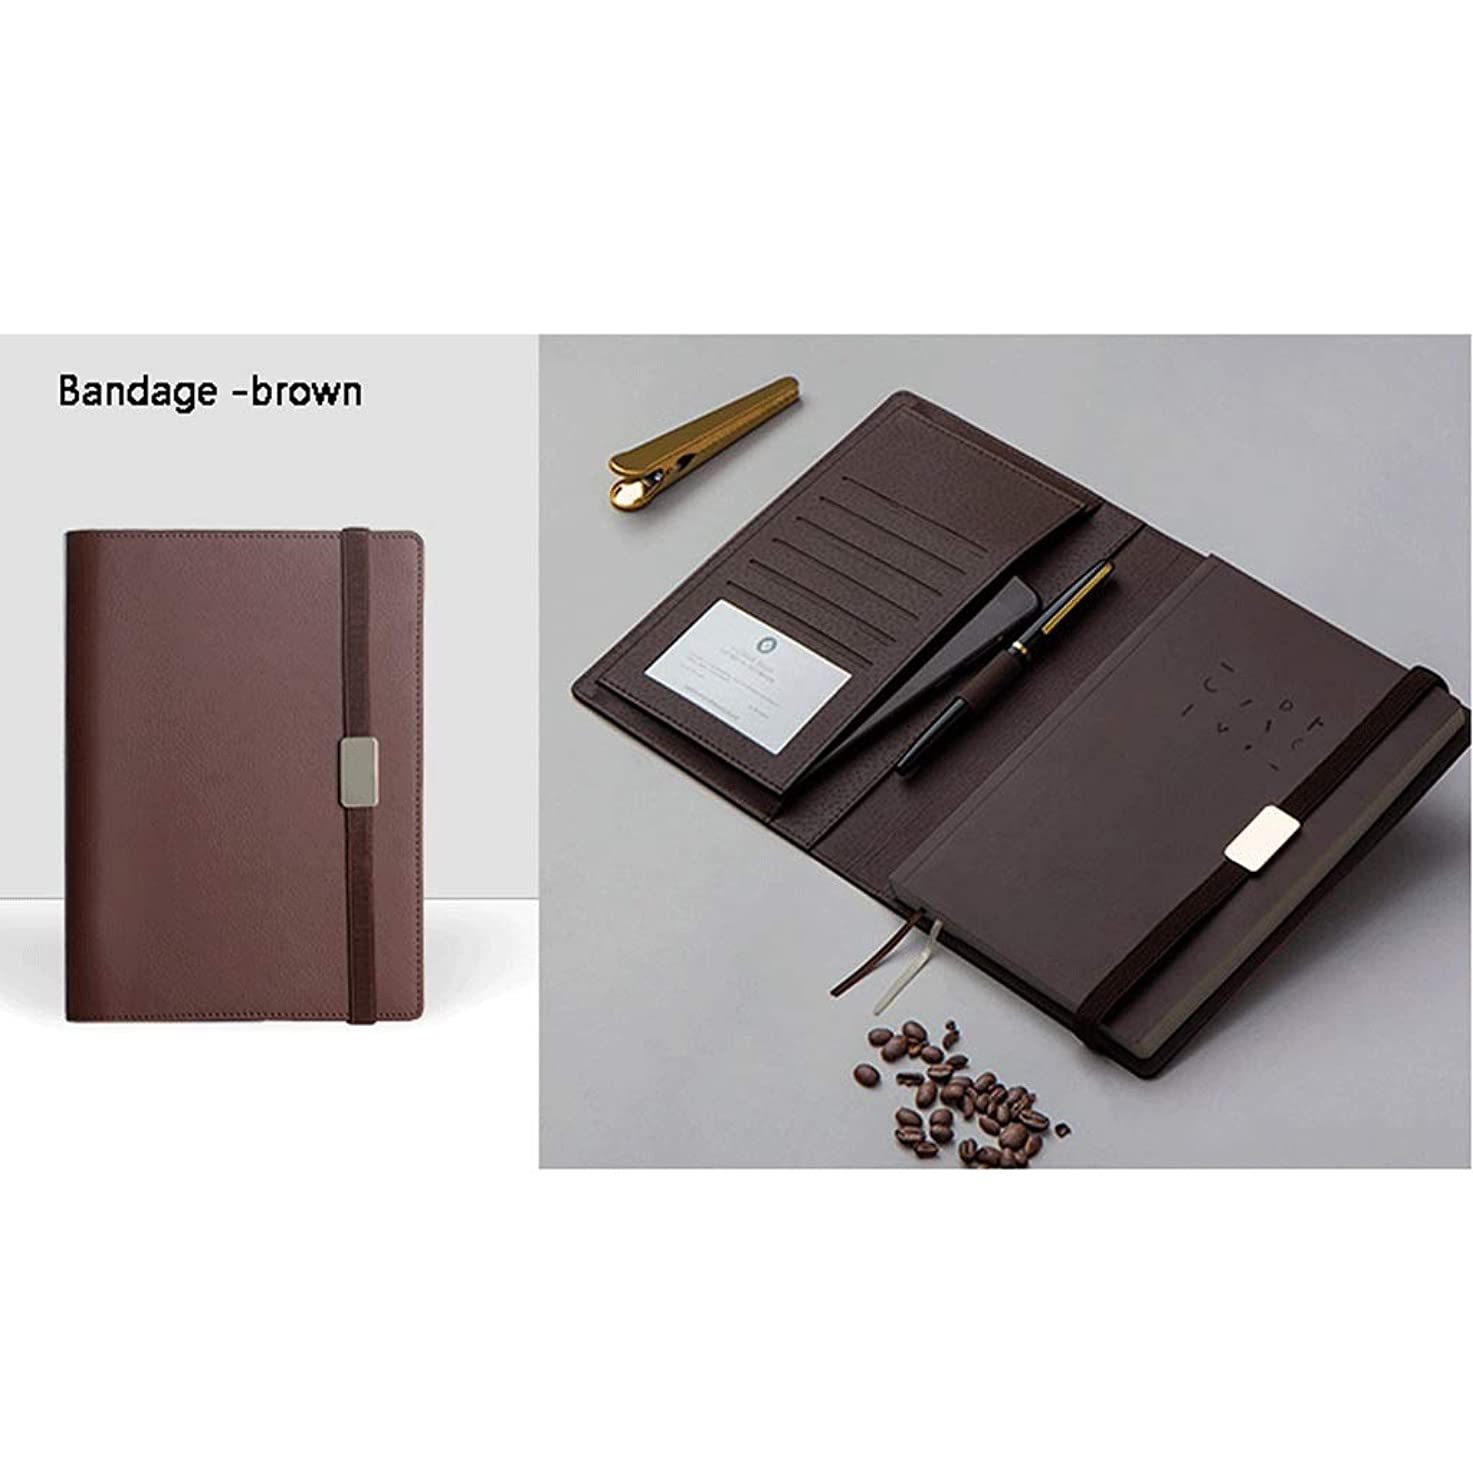 メモ帳 レザーポケットノート、詰め替え可能なトラベルジャーナル、ライティングに最適、ギフト、旅行者、日記やオーガナイザーとして、A5 ノート (Color : Bandage - brown)